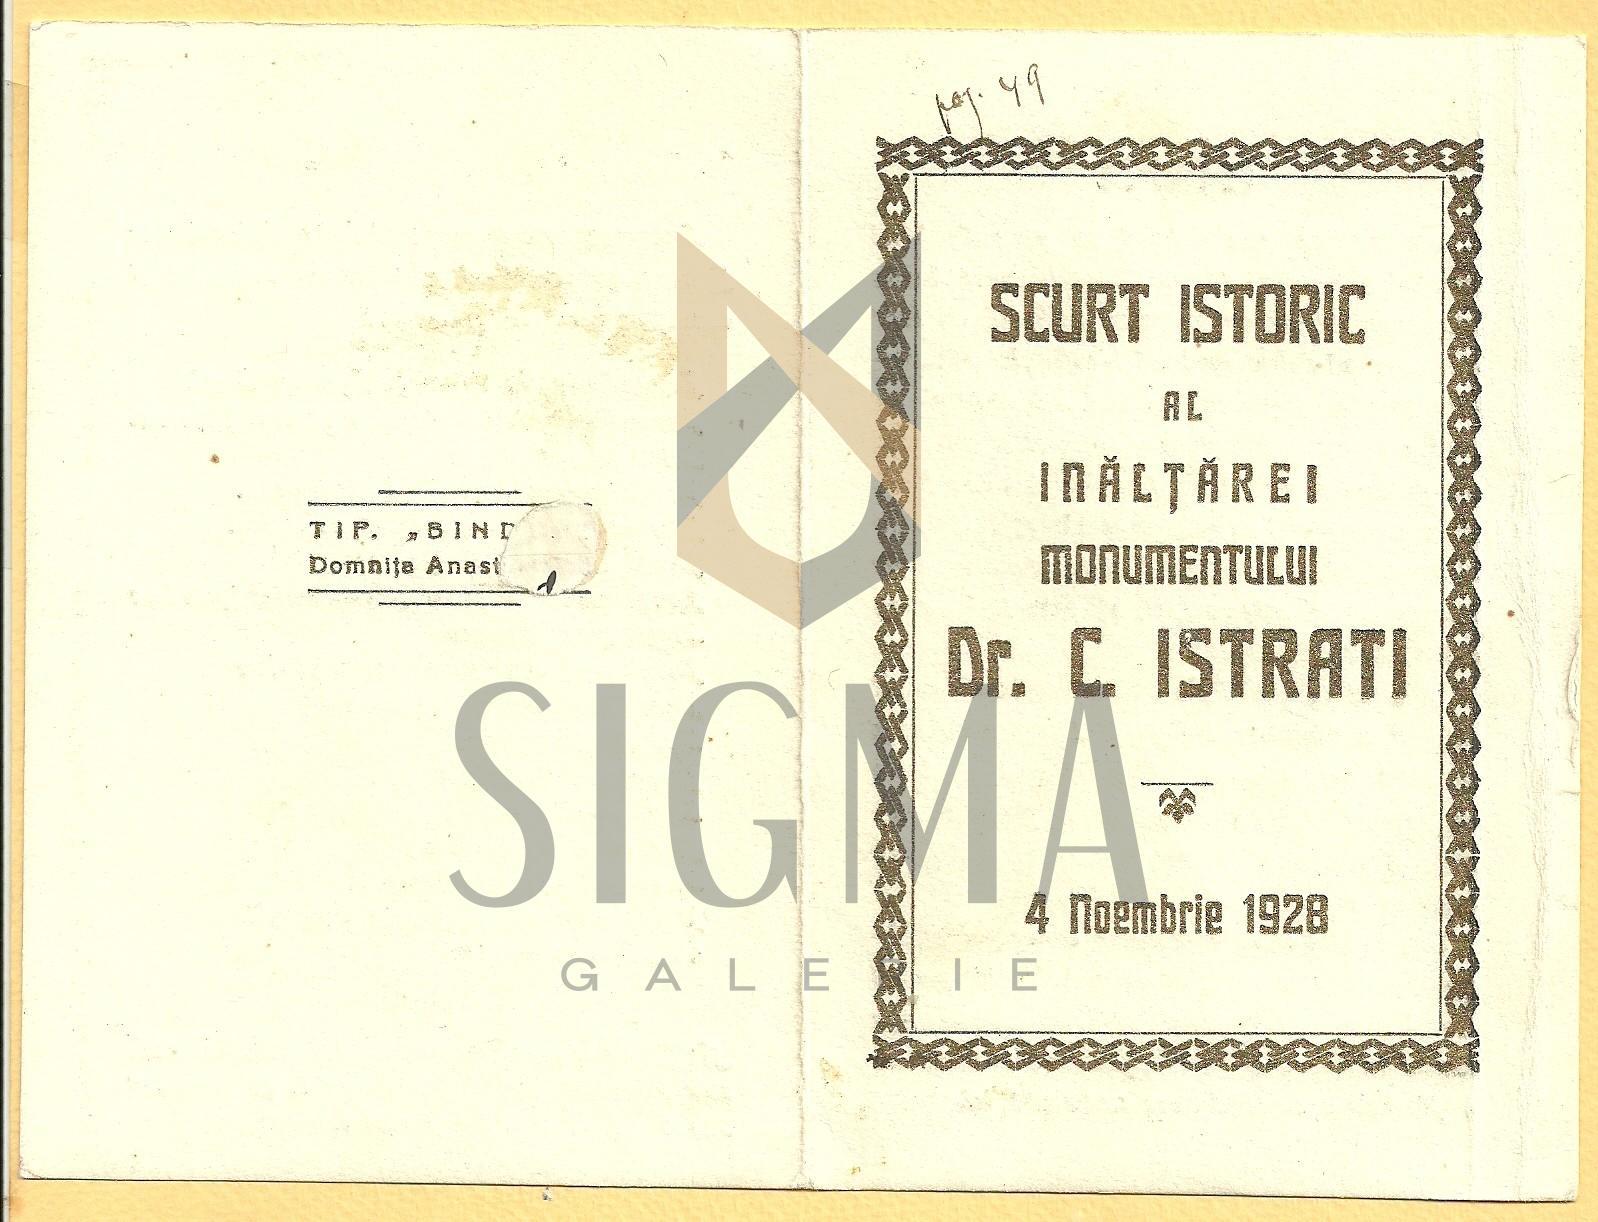 """PLIANT DE EXPOZITIE-INAUGURARE A BUSTULUI """" DR. IC. ISTRATI"""" 4 NOIEMBRIE 1928"""